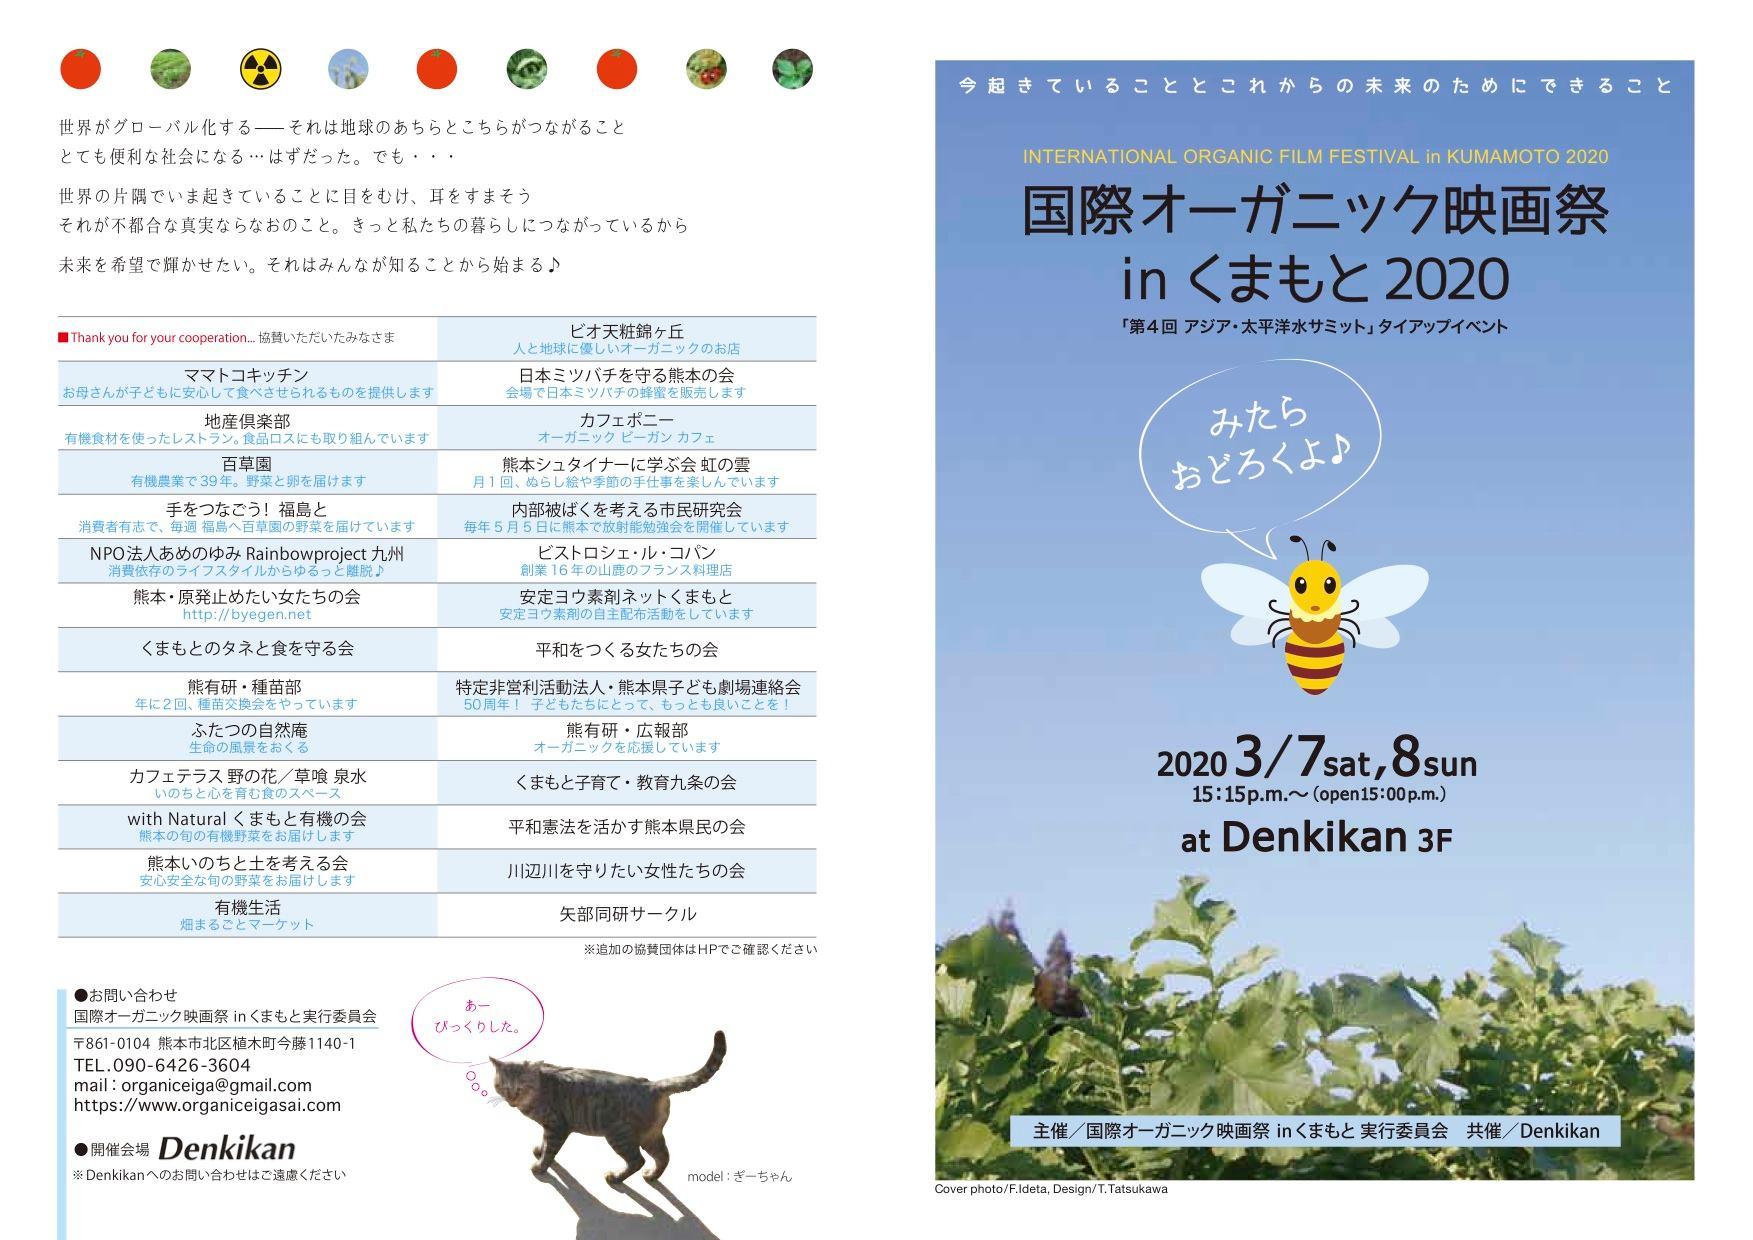 国際オーガニック映画祭inくまもと2020チラシ1